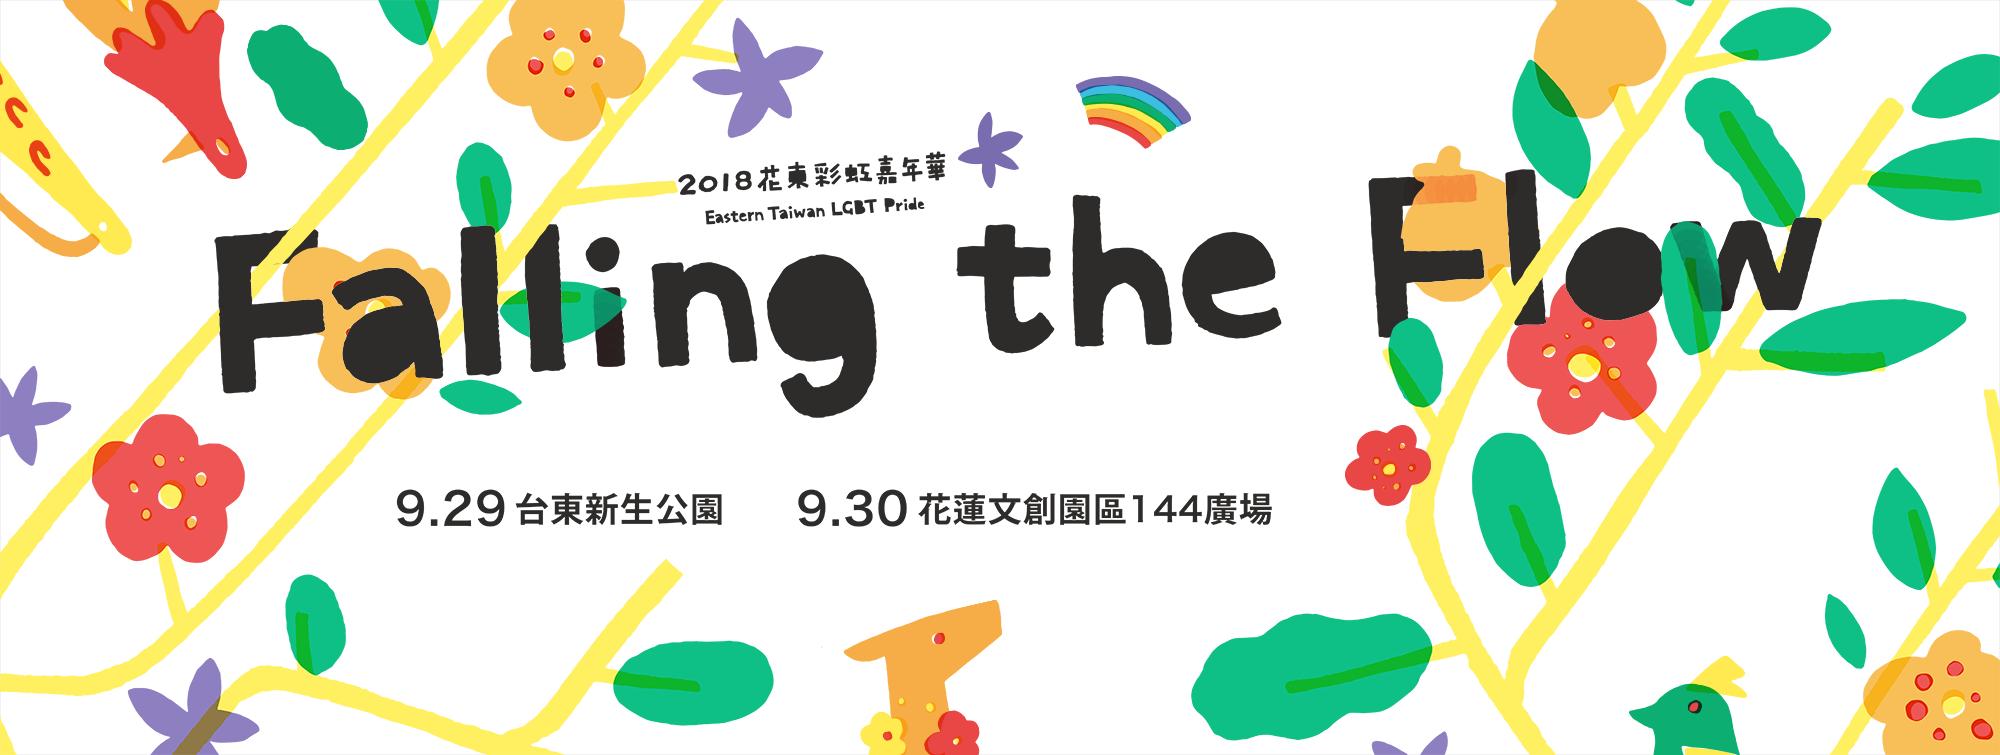 2018 花東彩虹嘉年華活動懶人包 9/29 台東 9/30 花蓮